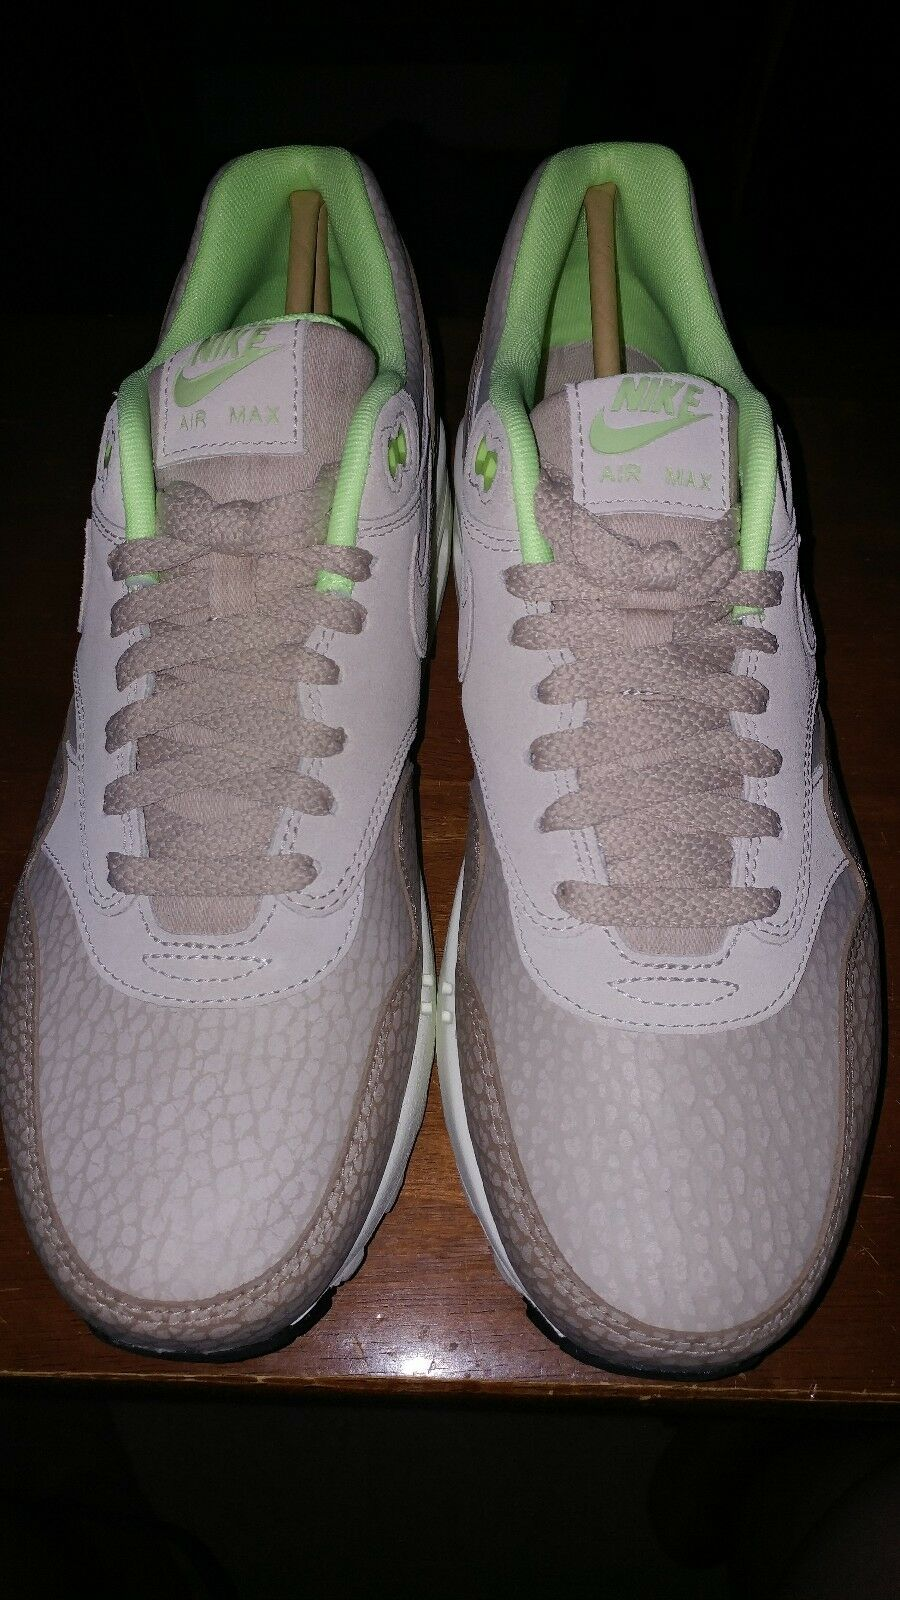 Nike Nike Nike air max 1 premium - tan beige wste camo geist grne 512033-203 ds - 10 9437c9